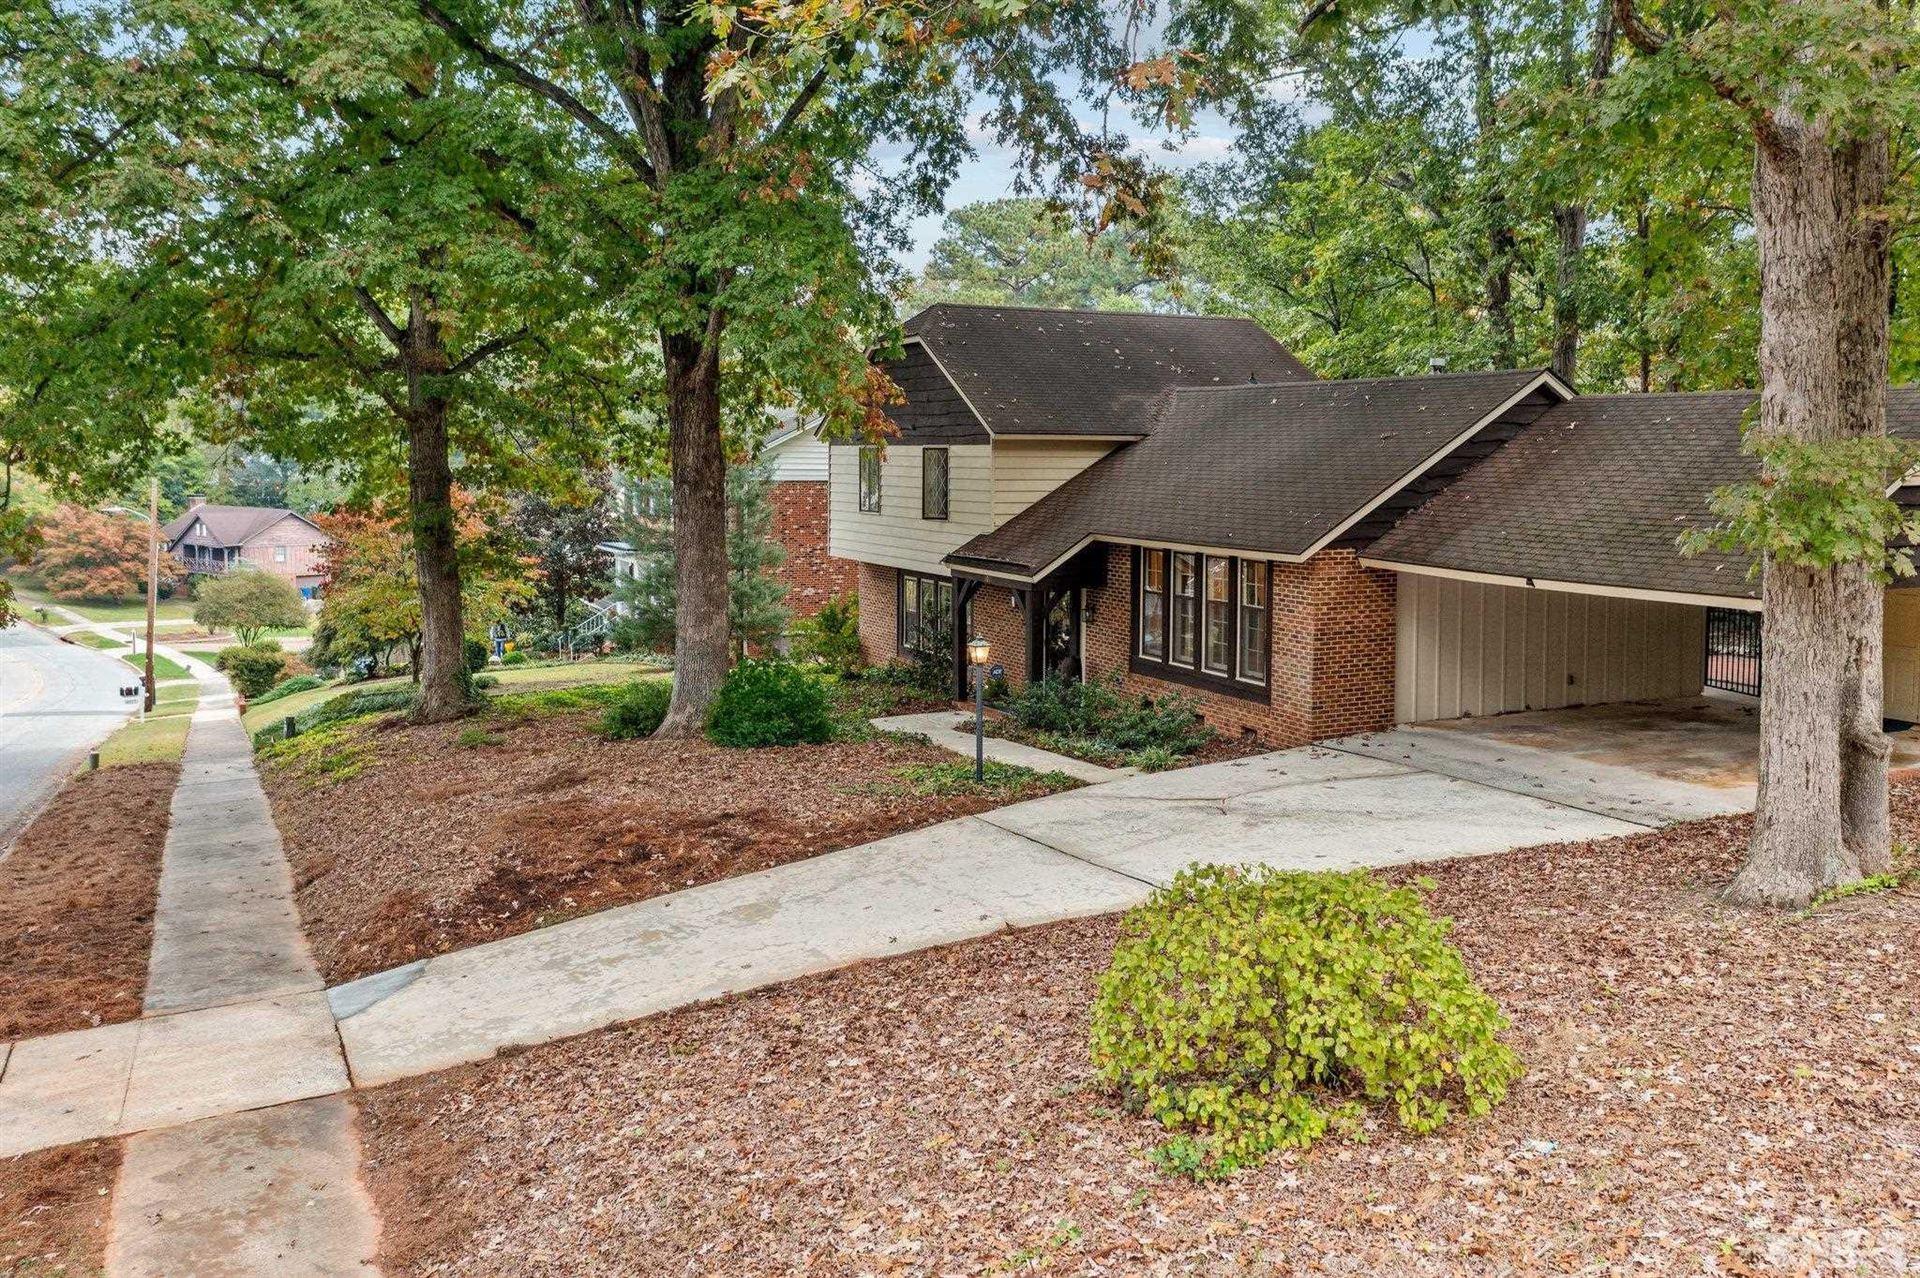 Photo of 1021 Deboy Street, Raleigh, NC 27606 (MLS # 2415810)